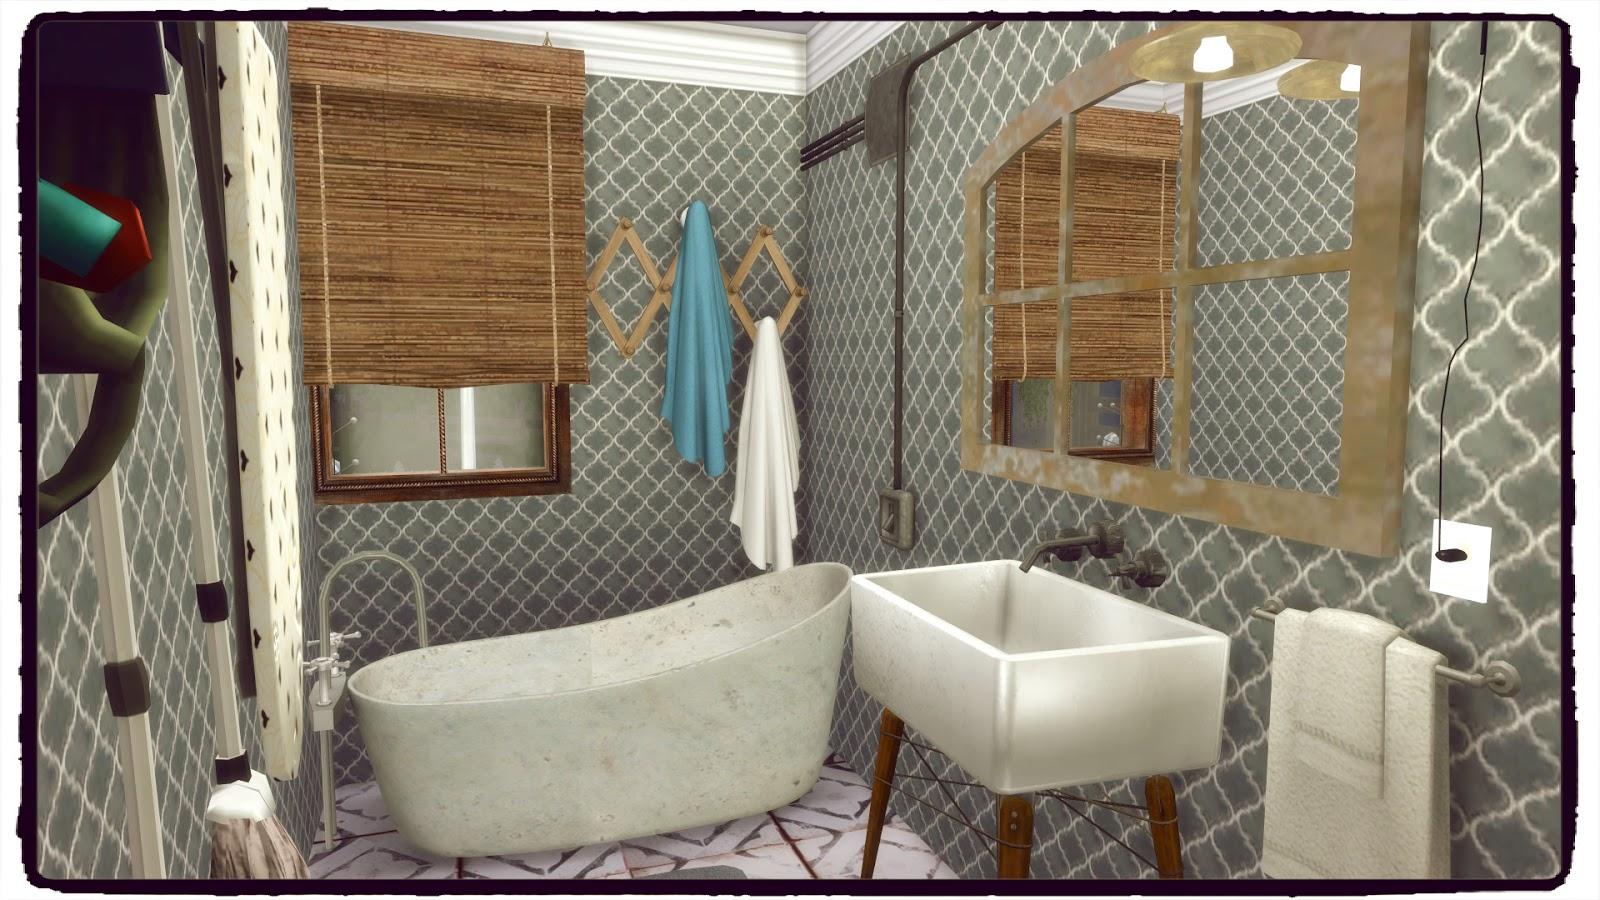 Sims 4 - Tumblr House - Dinha